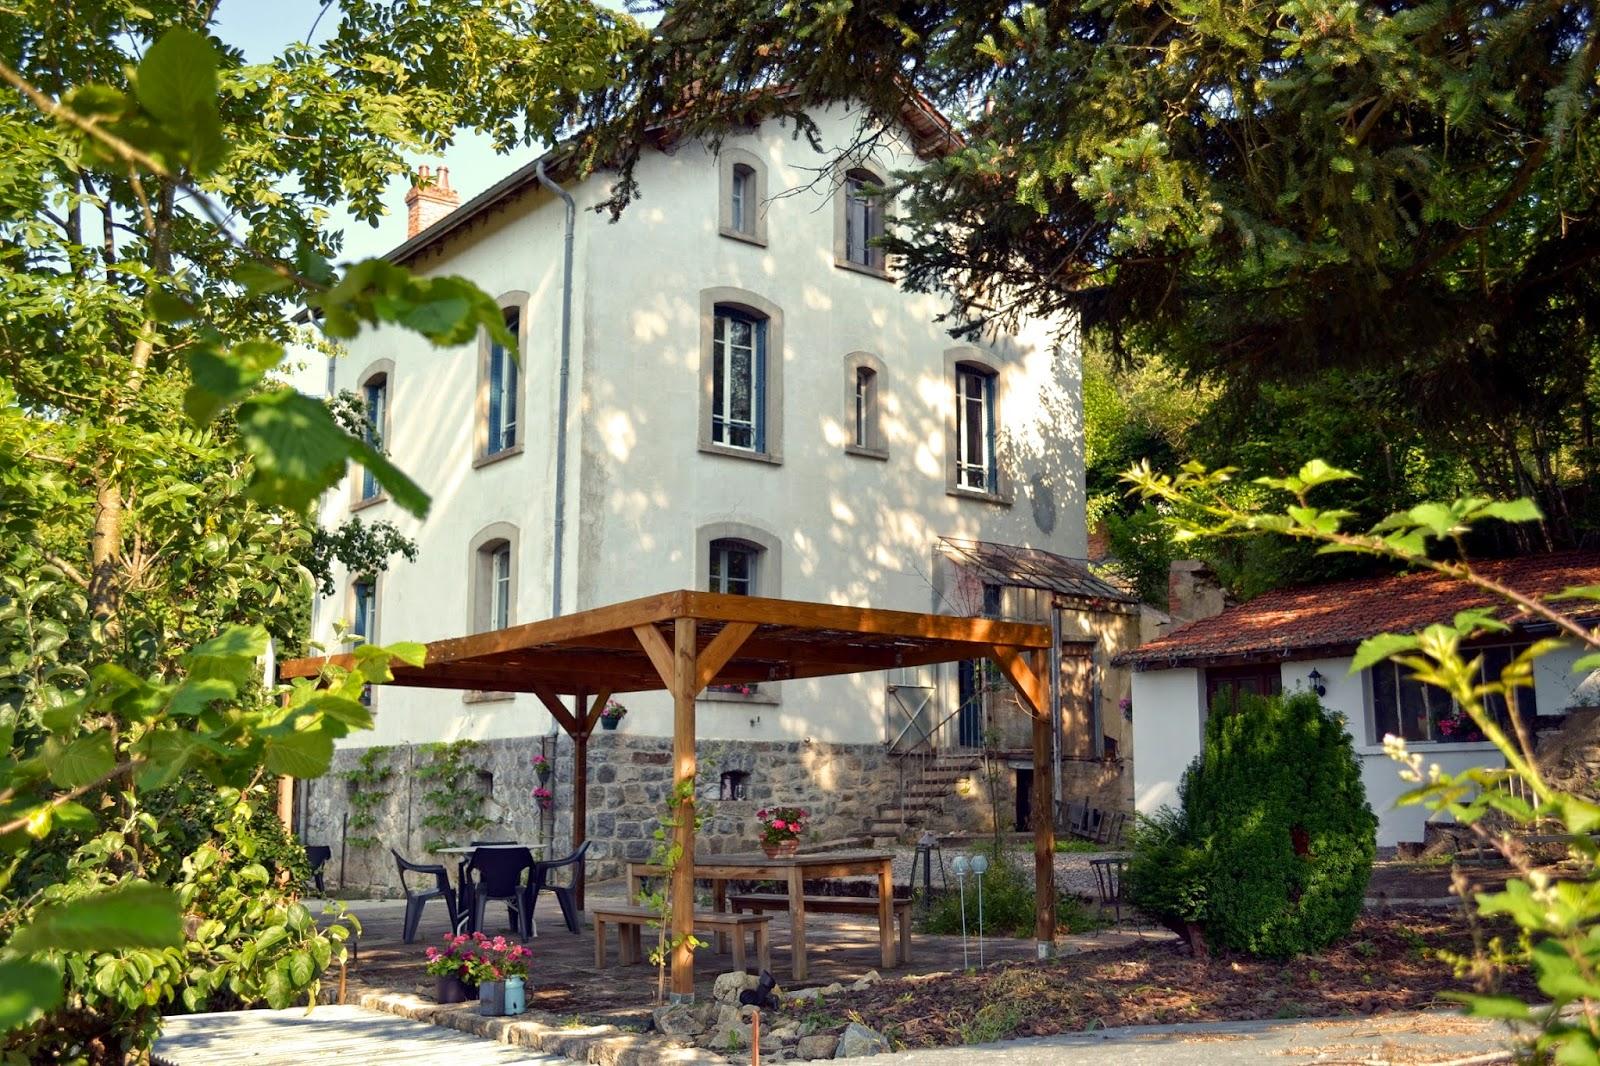 Chambres et table d'hôtes les garachons - Sauret-Besserve